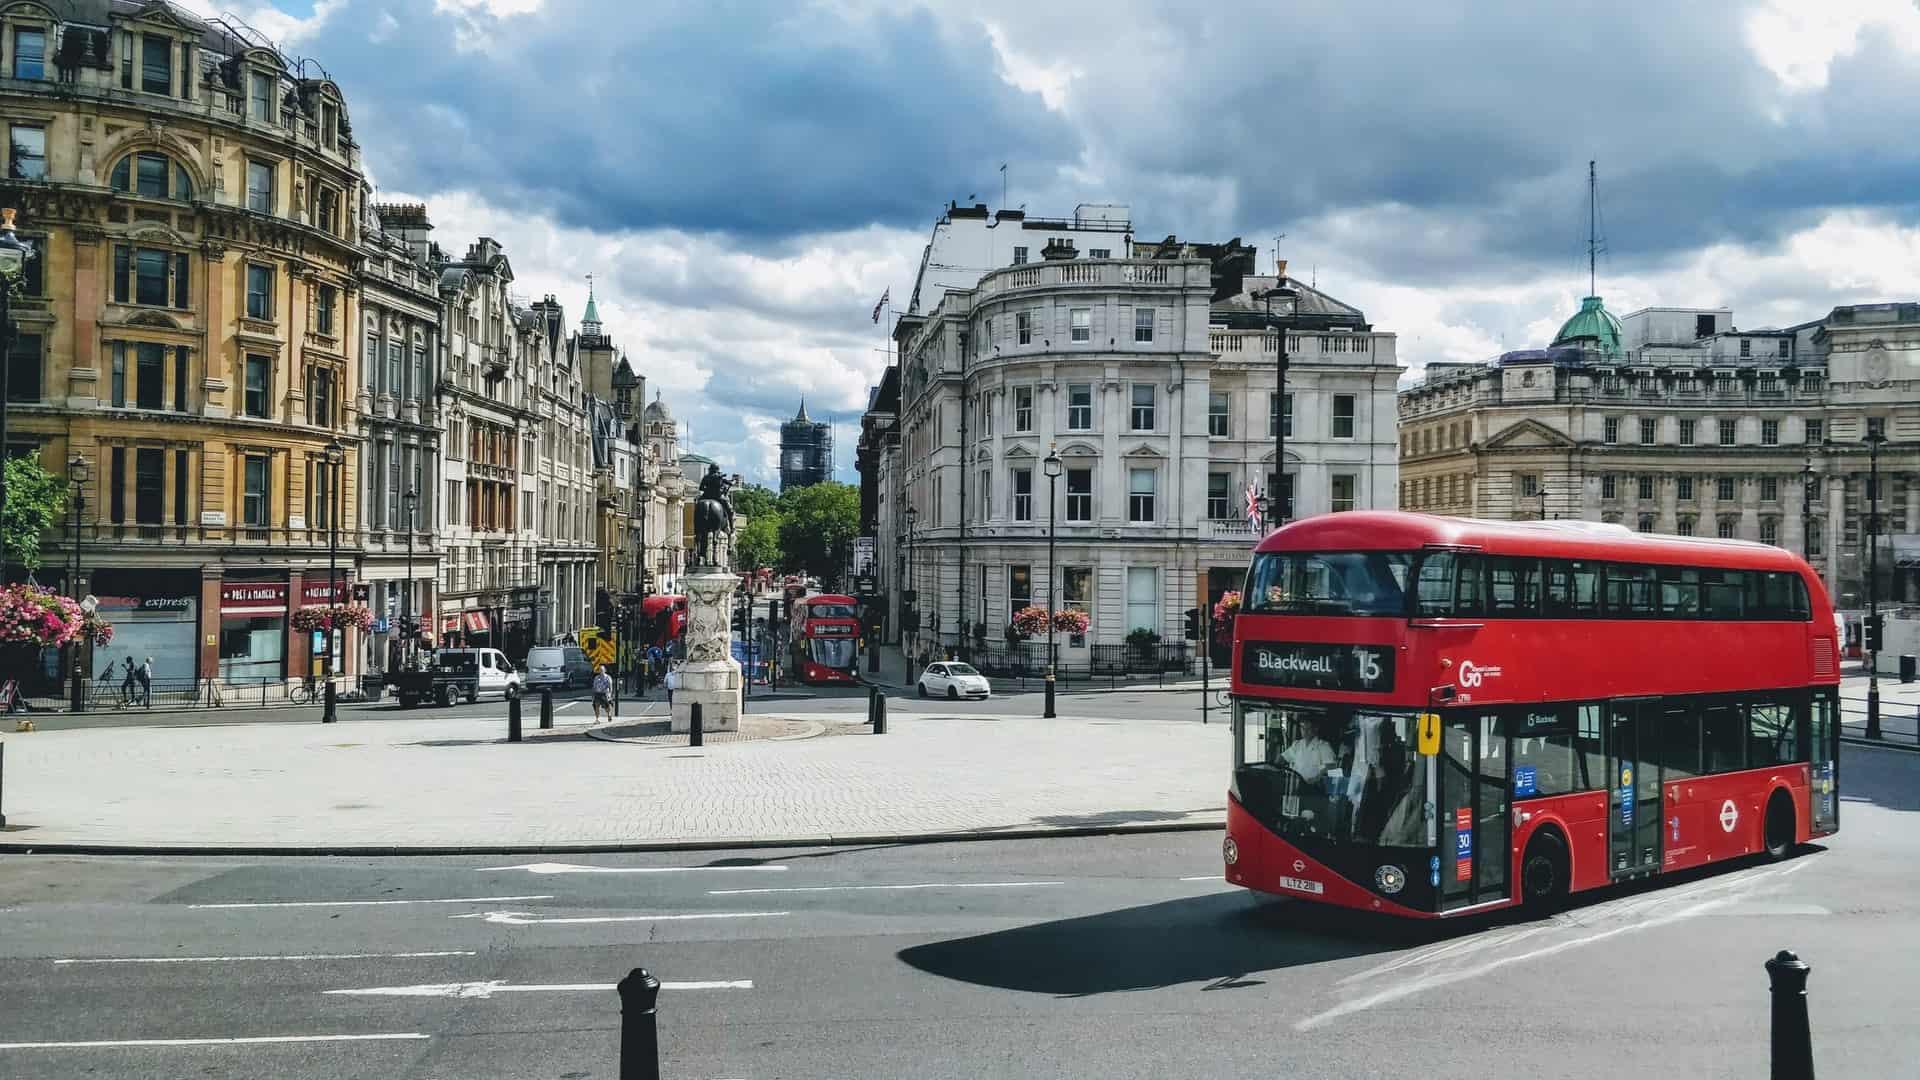 Inglaterra lanzó una declaración de viaje obligatoria para las personas que viajen al extranjero